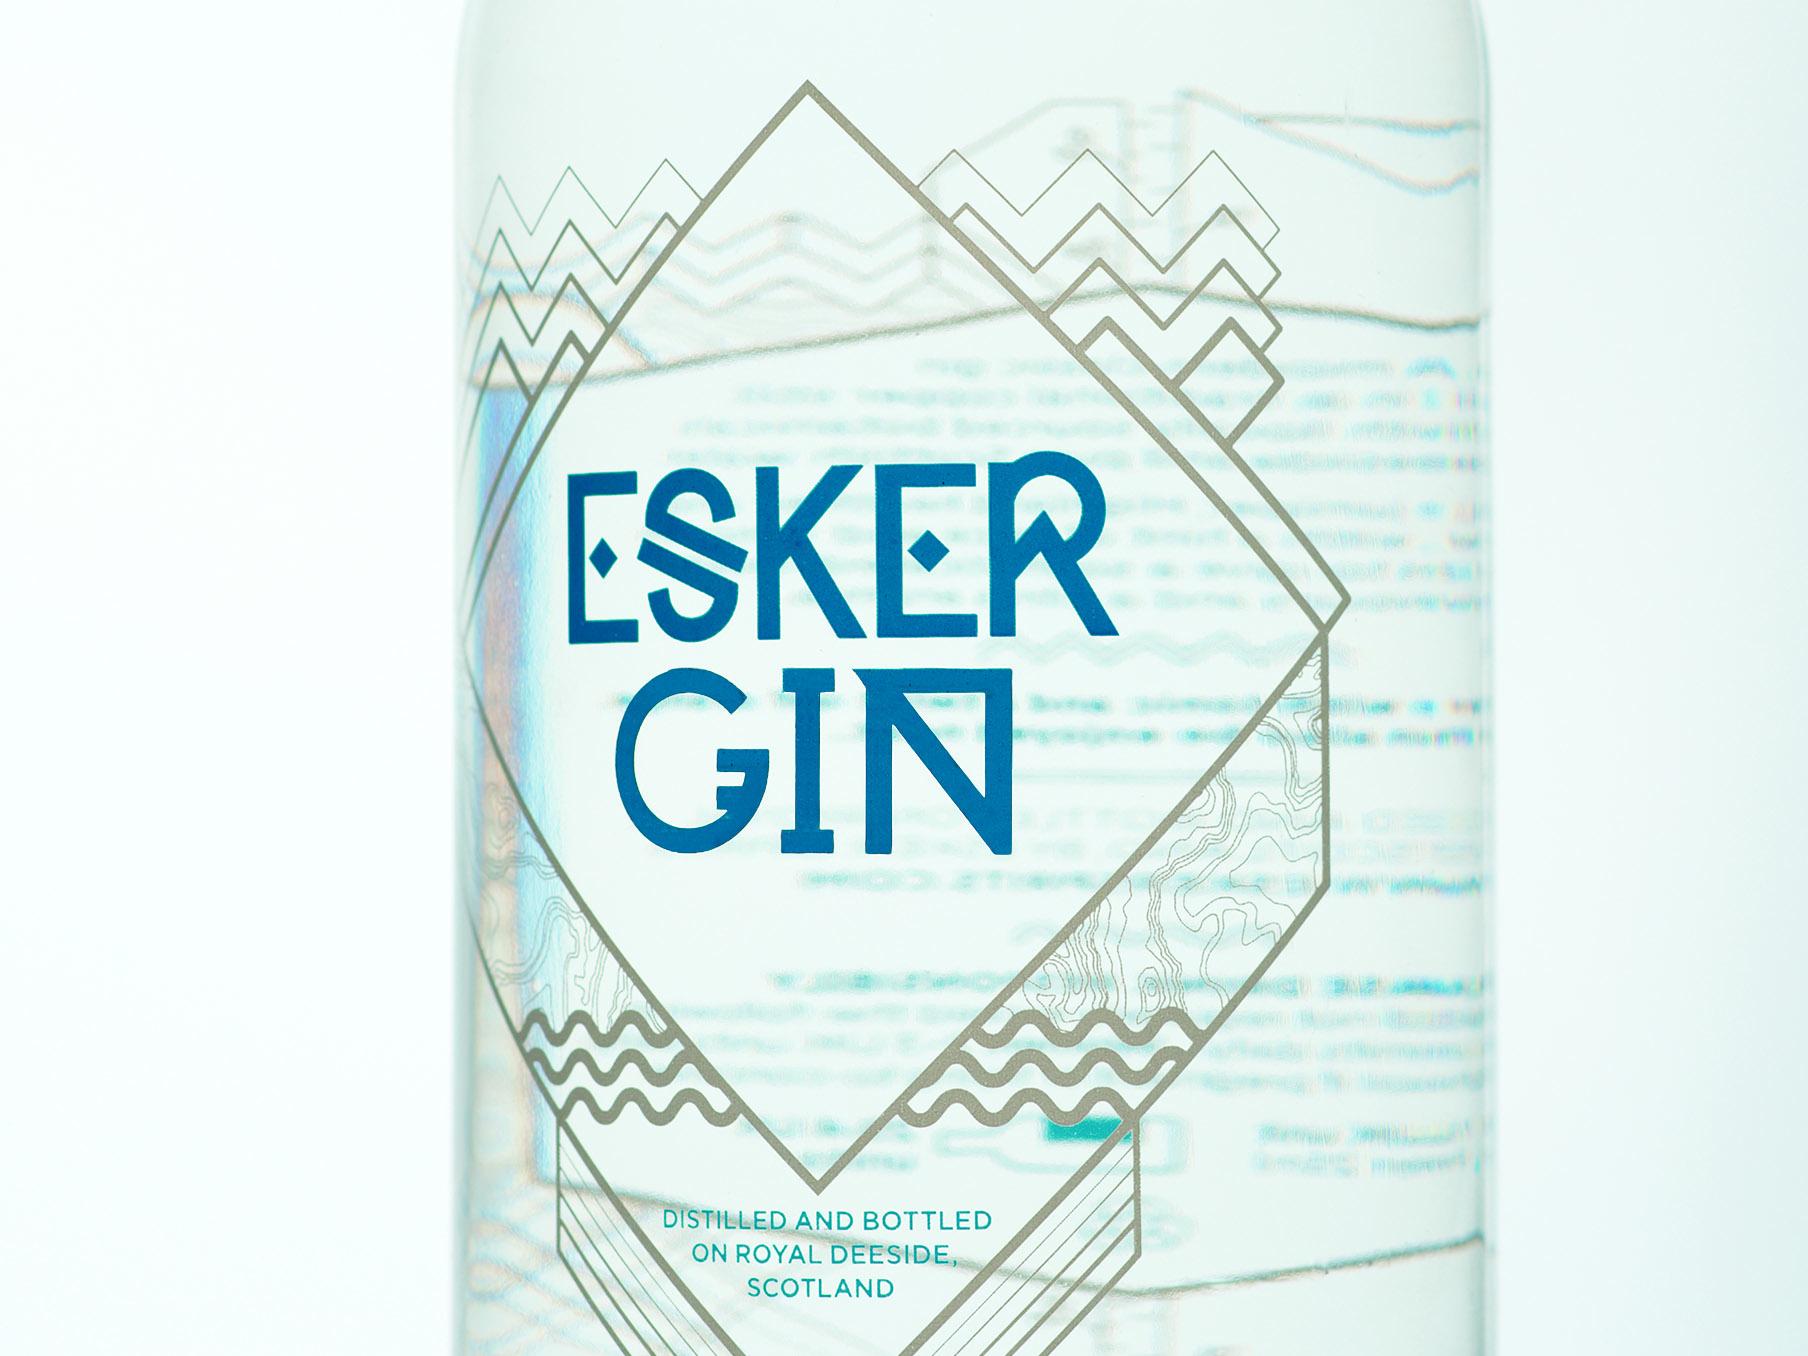 Esker-Gin-bottle_ipad6